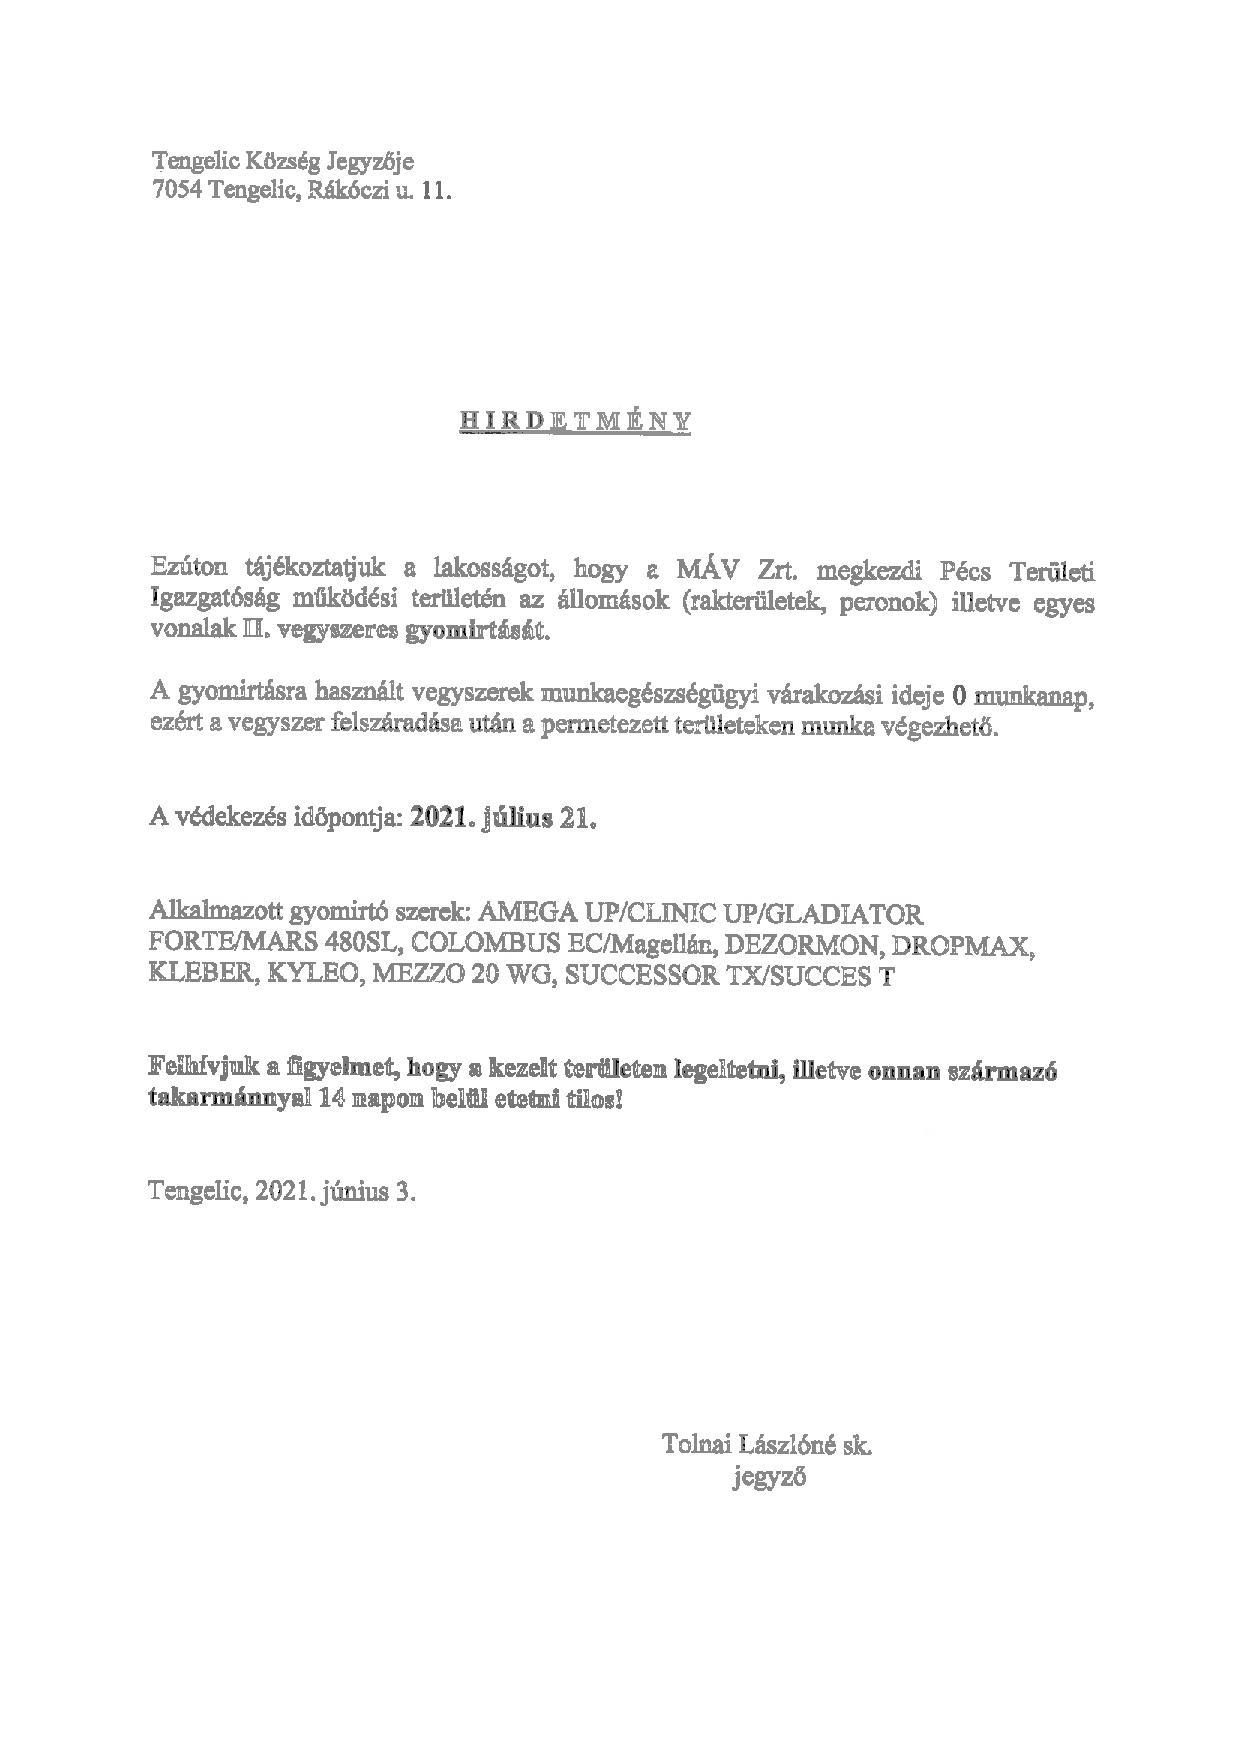 Hirdetmény vegyszeres gyomirtás MÁV-page-001